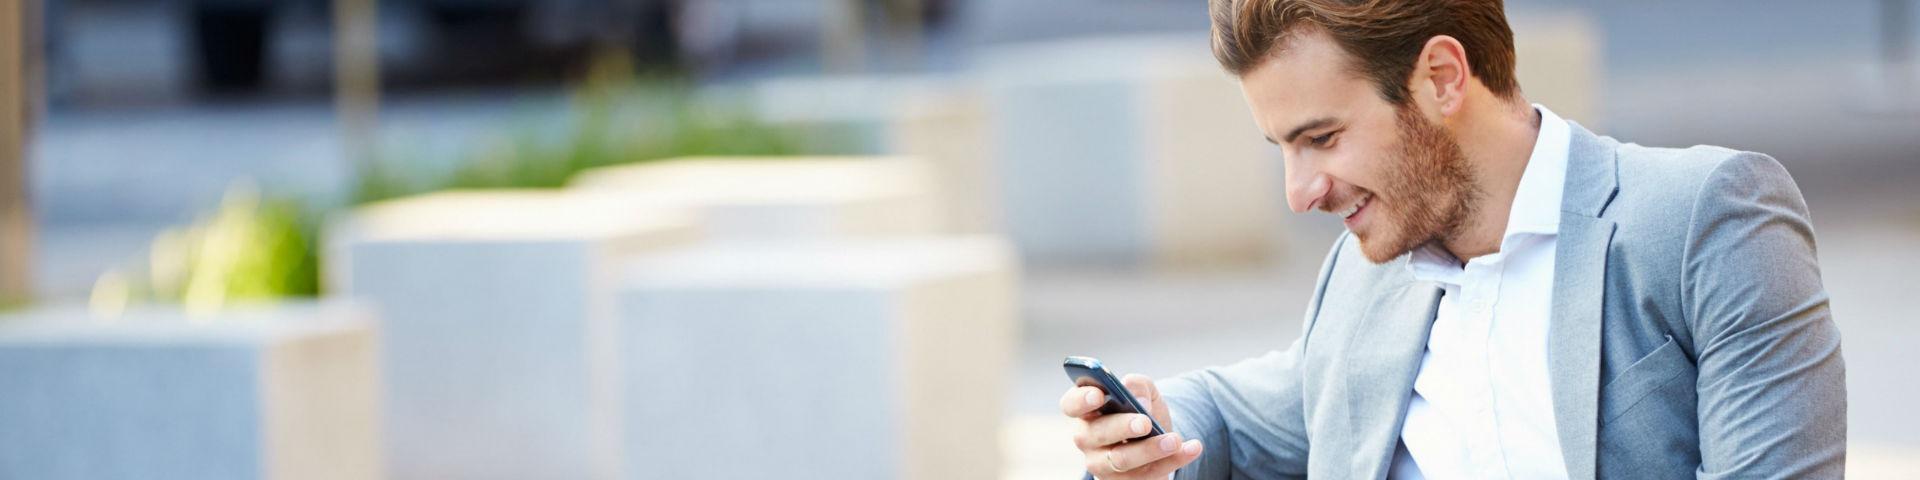 БК «Лига Ставок» проводит бета-тестирование мобильного приложения